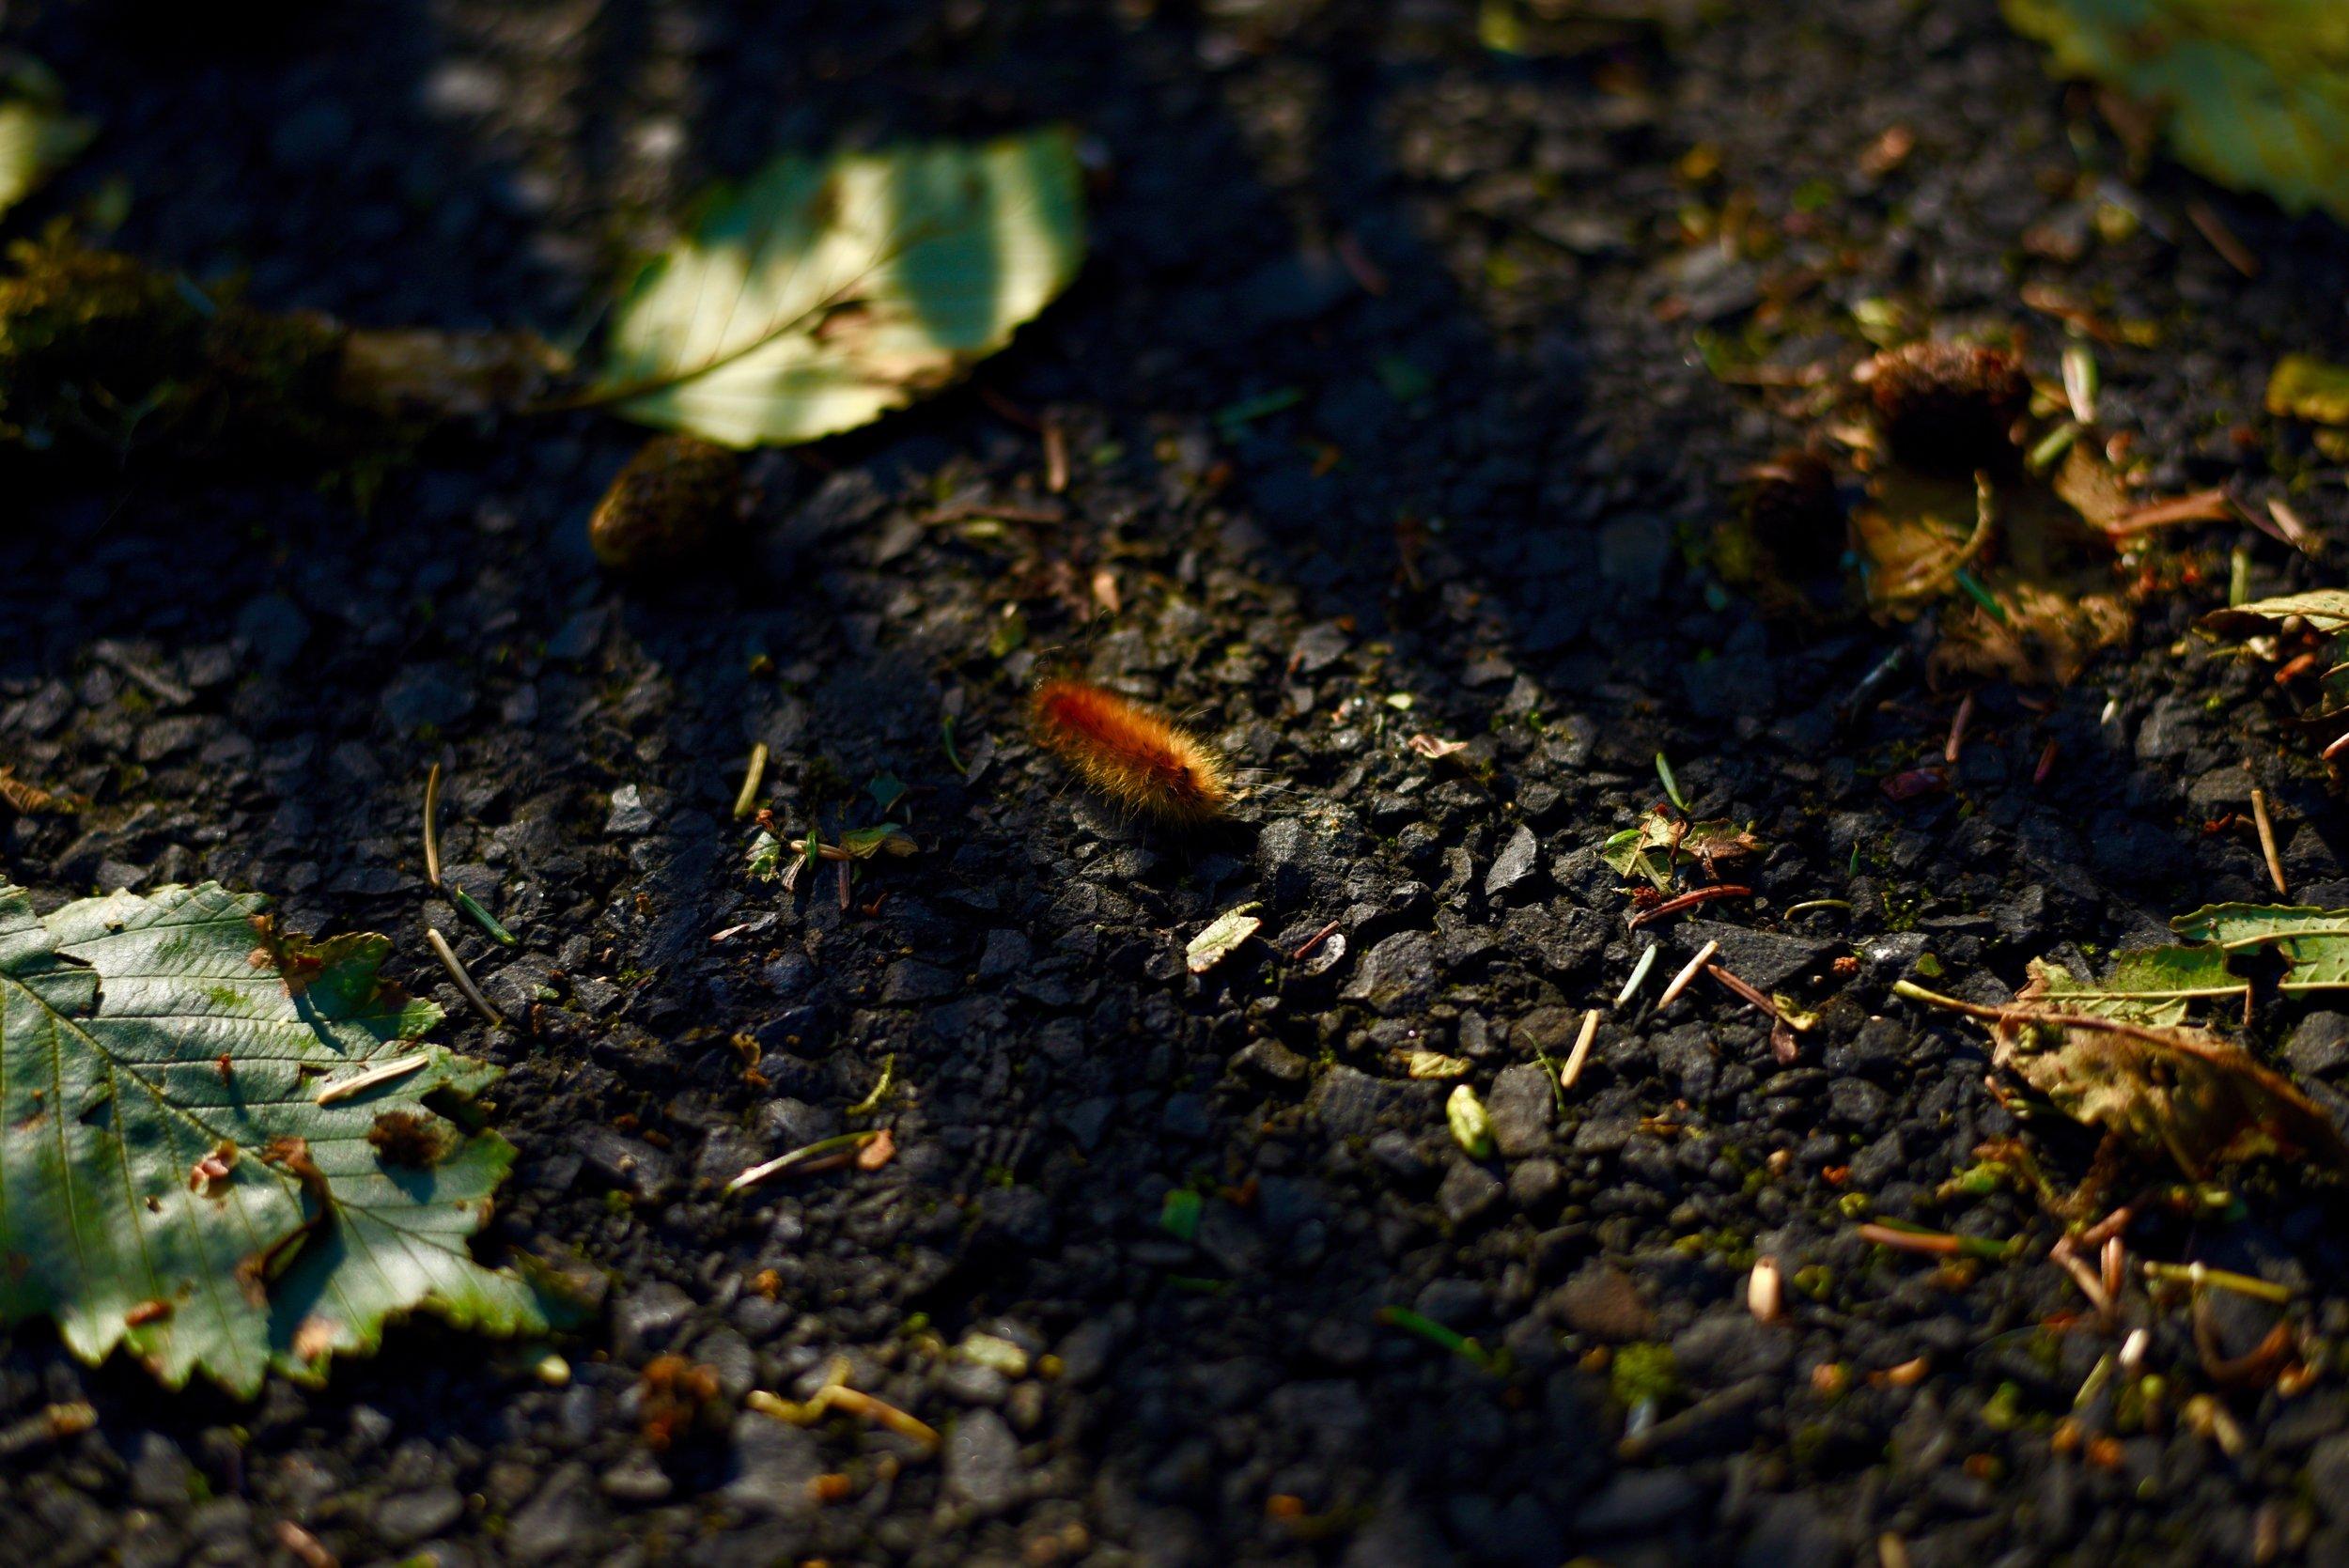 Hiking in Portland_DSC_9708.jpg